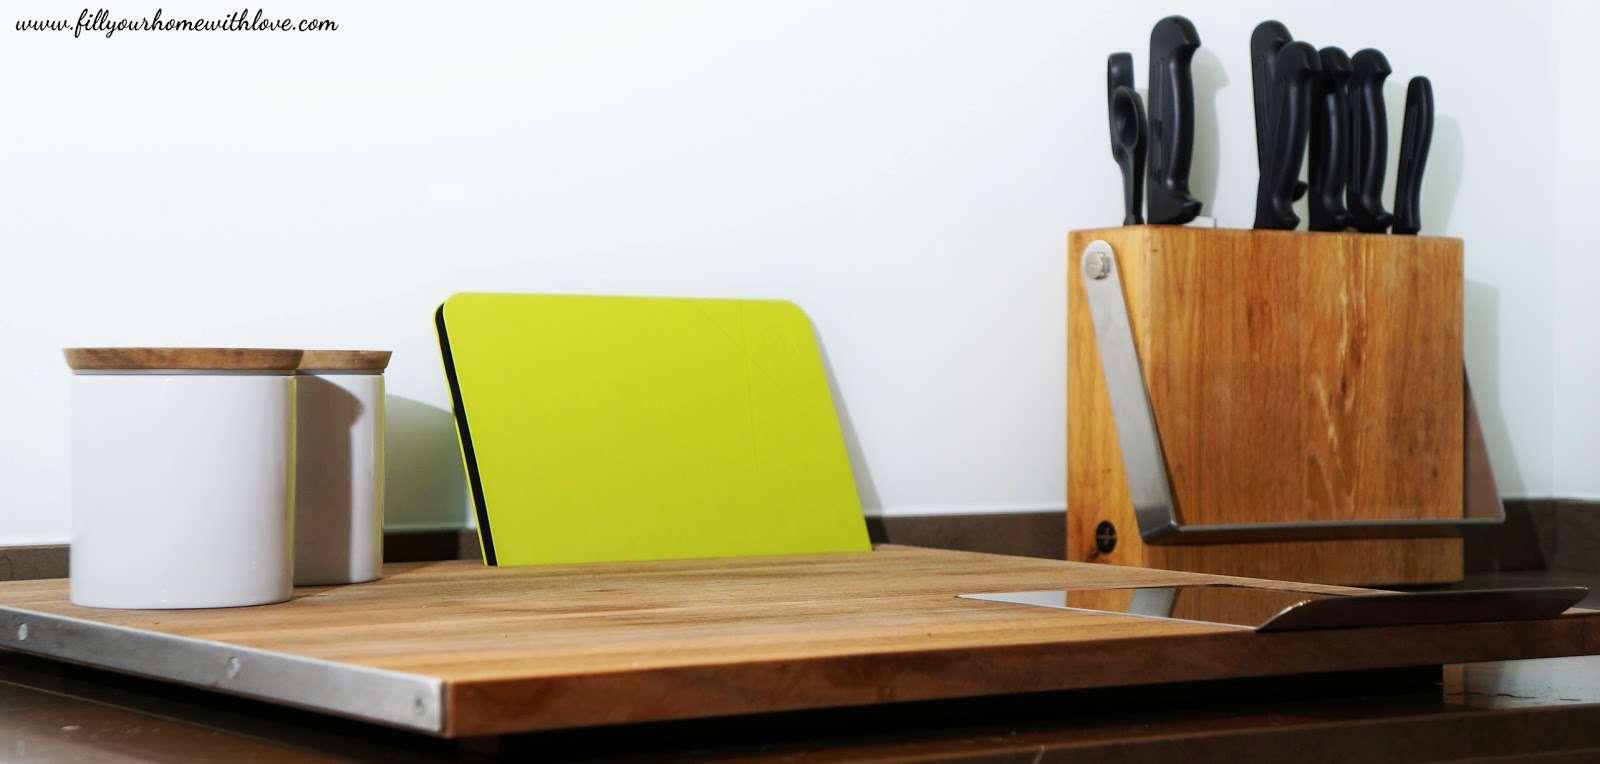 Tucano accessori per computer iphone e ipad for Tucano arredamento